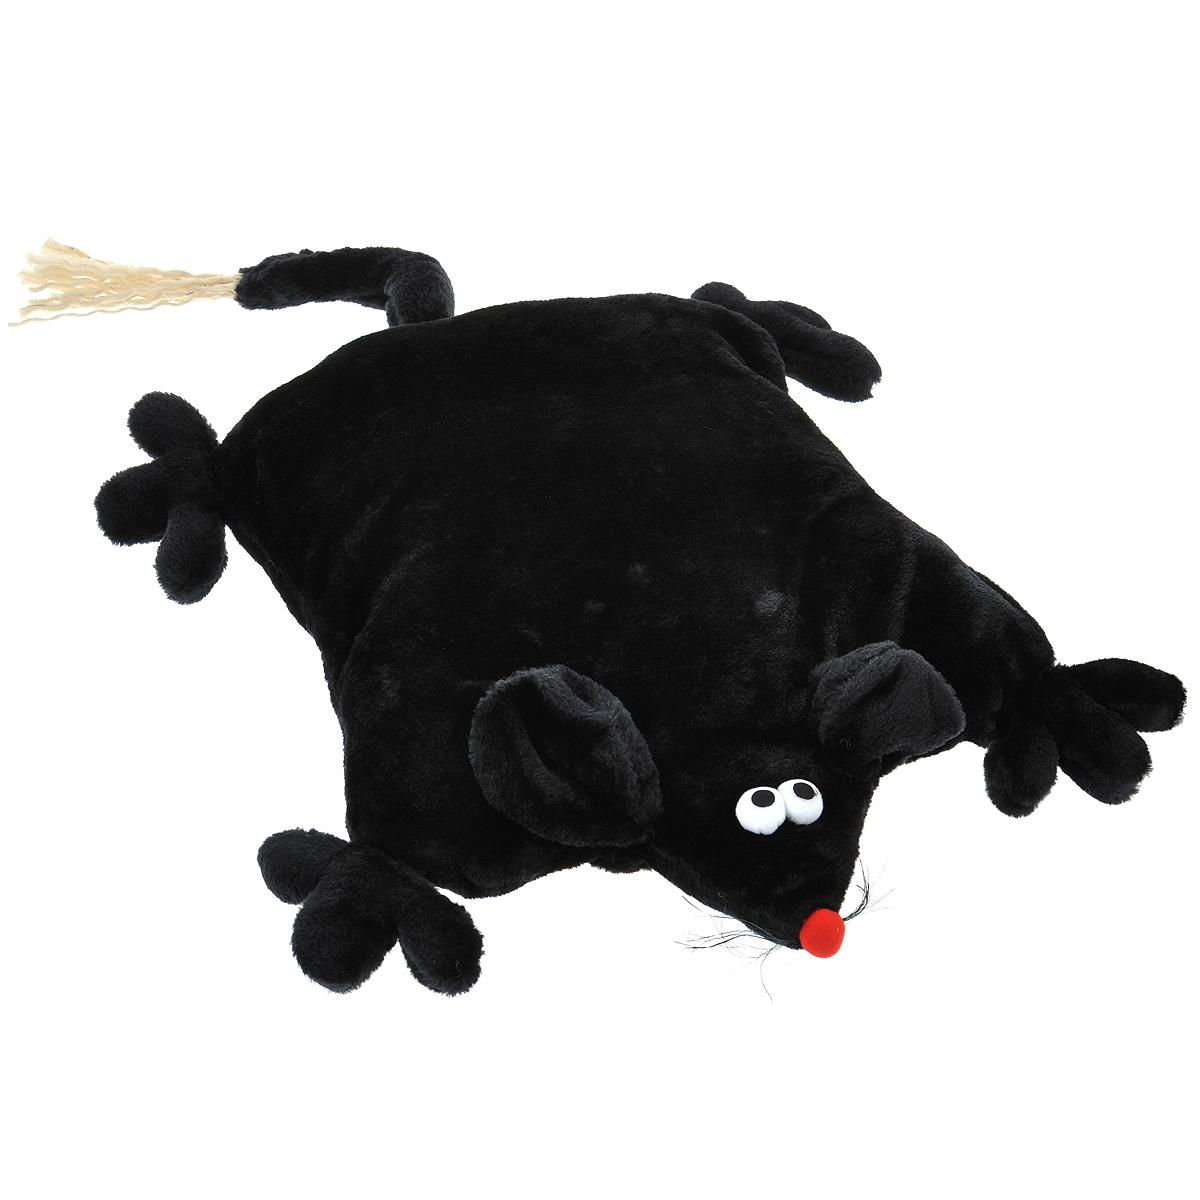 Лежанка для кошек I.P.T.S. Мышь, цвет: черный, 45 см х 59 см х 9 см104_оранжевый, серыйЛежанка I.P.T.S. Мышь станет излюбленным местом отдыха для вашего питомца, ведь уютное плюшевое спальное место по достоинству оценит даже самый привередливый кот. Лежанка имеет форму мыши и немного напоминает мягкую плоскую подушку. Ваш питомец сможет поиграть с длинным хвостиком или забавными усиками. Изделие будет одинаково хорошо смотреться как в гостиной, так и в другой комнате, поскольку вписывается в любой интерьер. Можно стирать в стиральной машине при 30°C. Размер лежанки: 45 см х 59 см х 9 см. Товар сертифицирован.